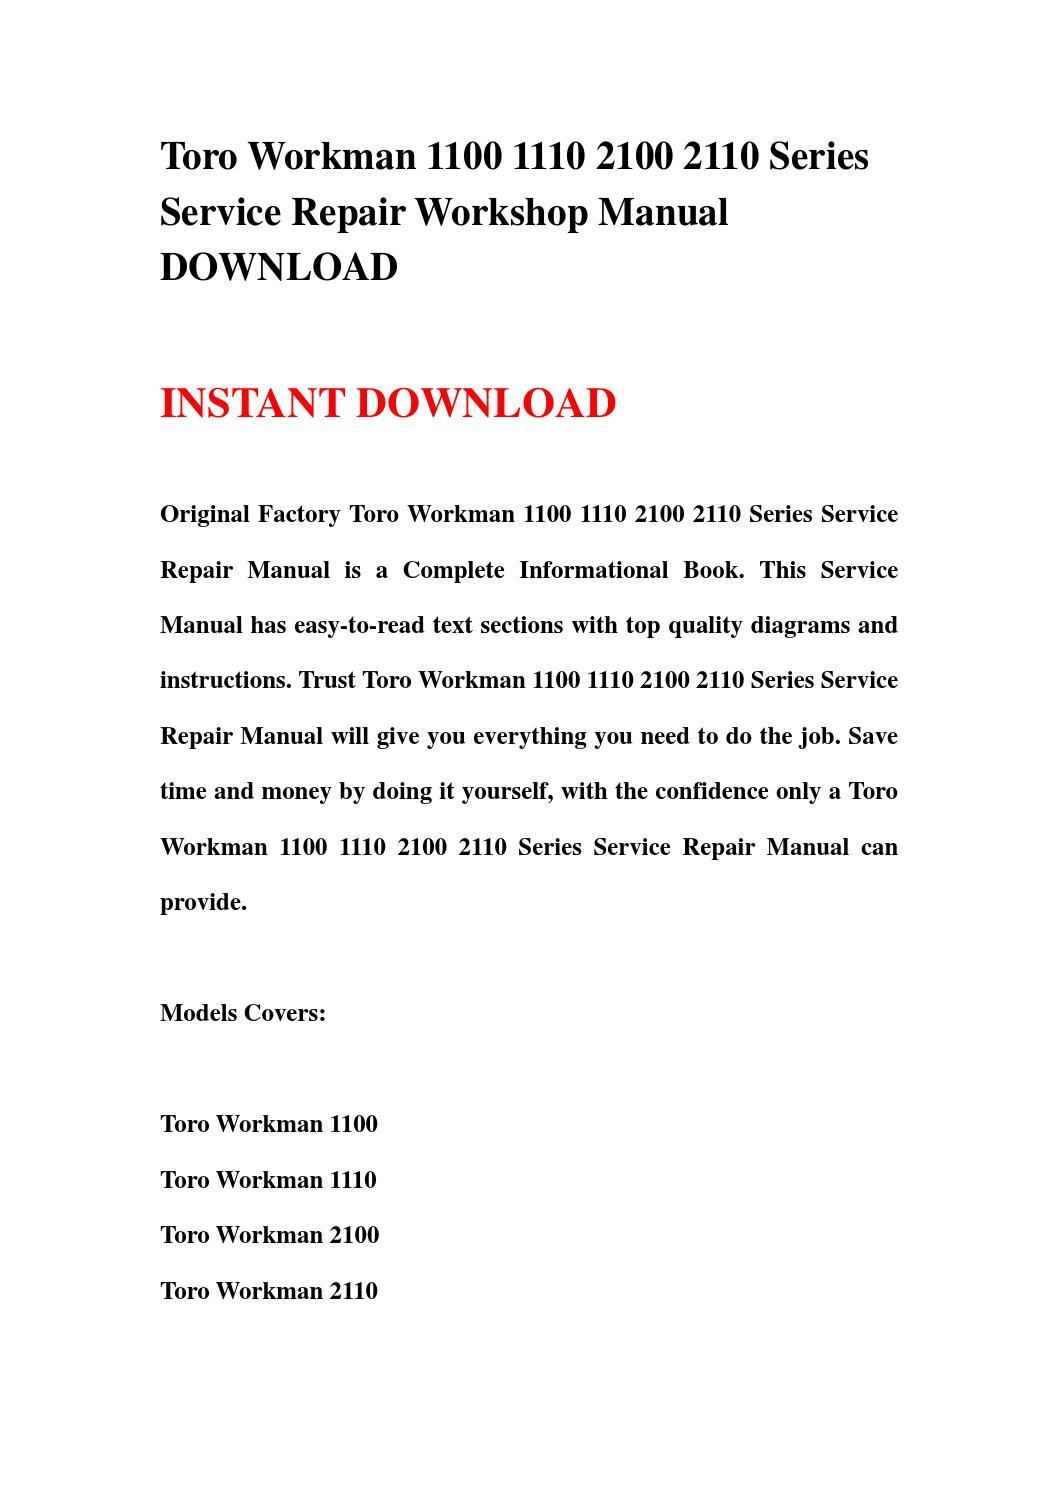 Toro Workman 1100 1110 2100 2110 Series Service Repair Workshop Manual Download By Hfdgsbefn